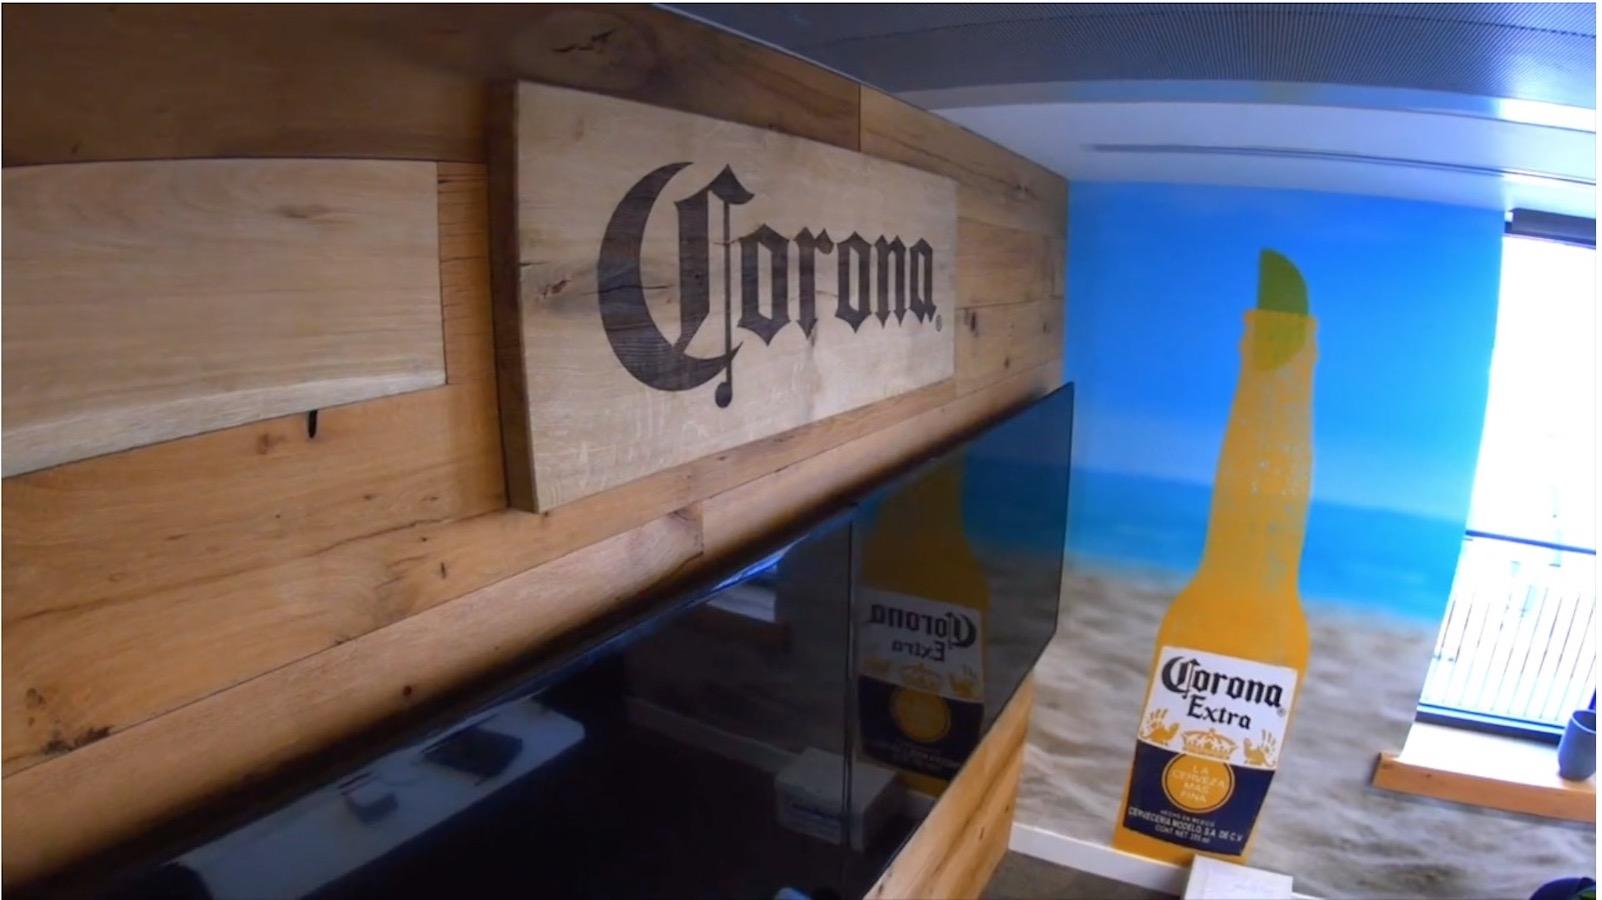 Corona-Budweiser-AB InBev